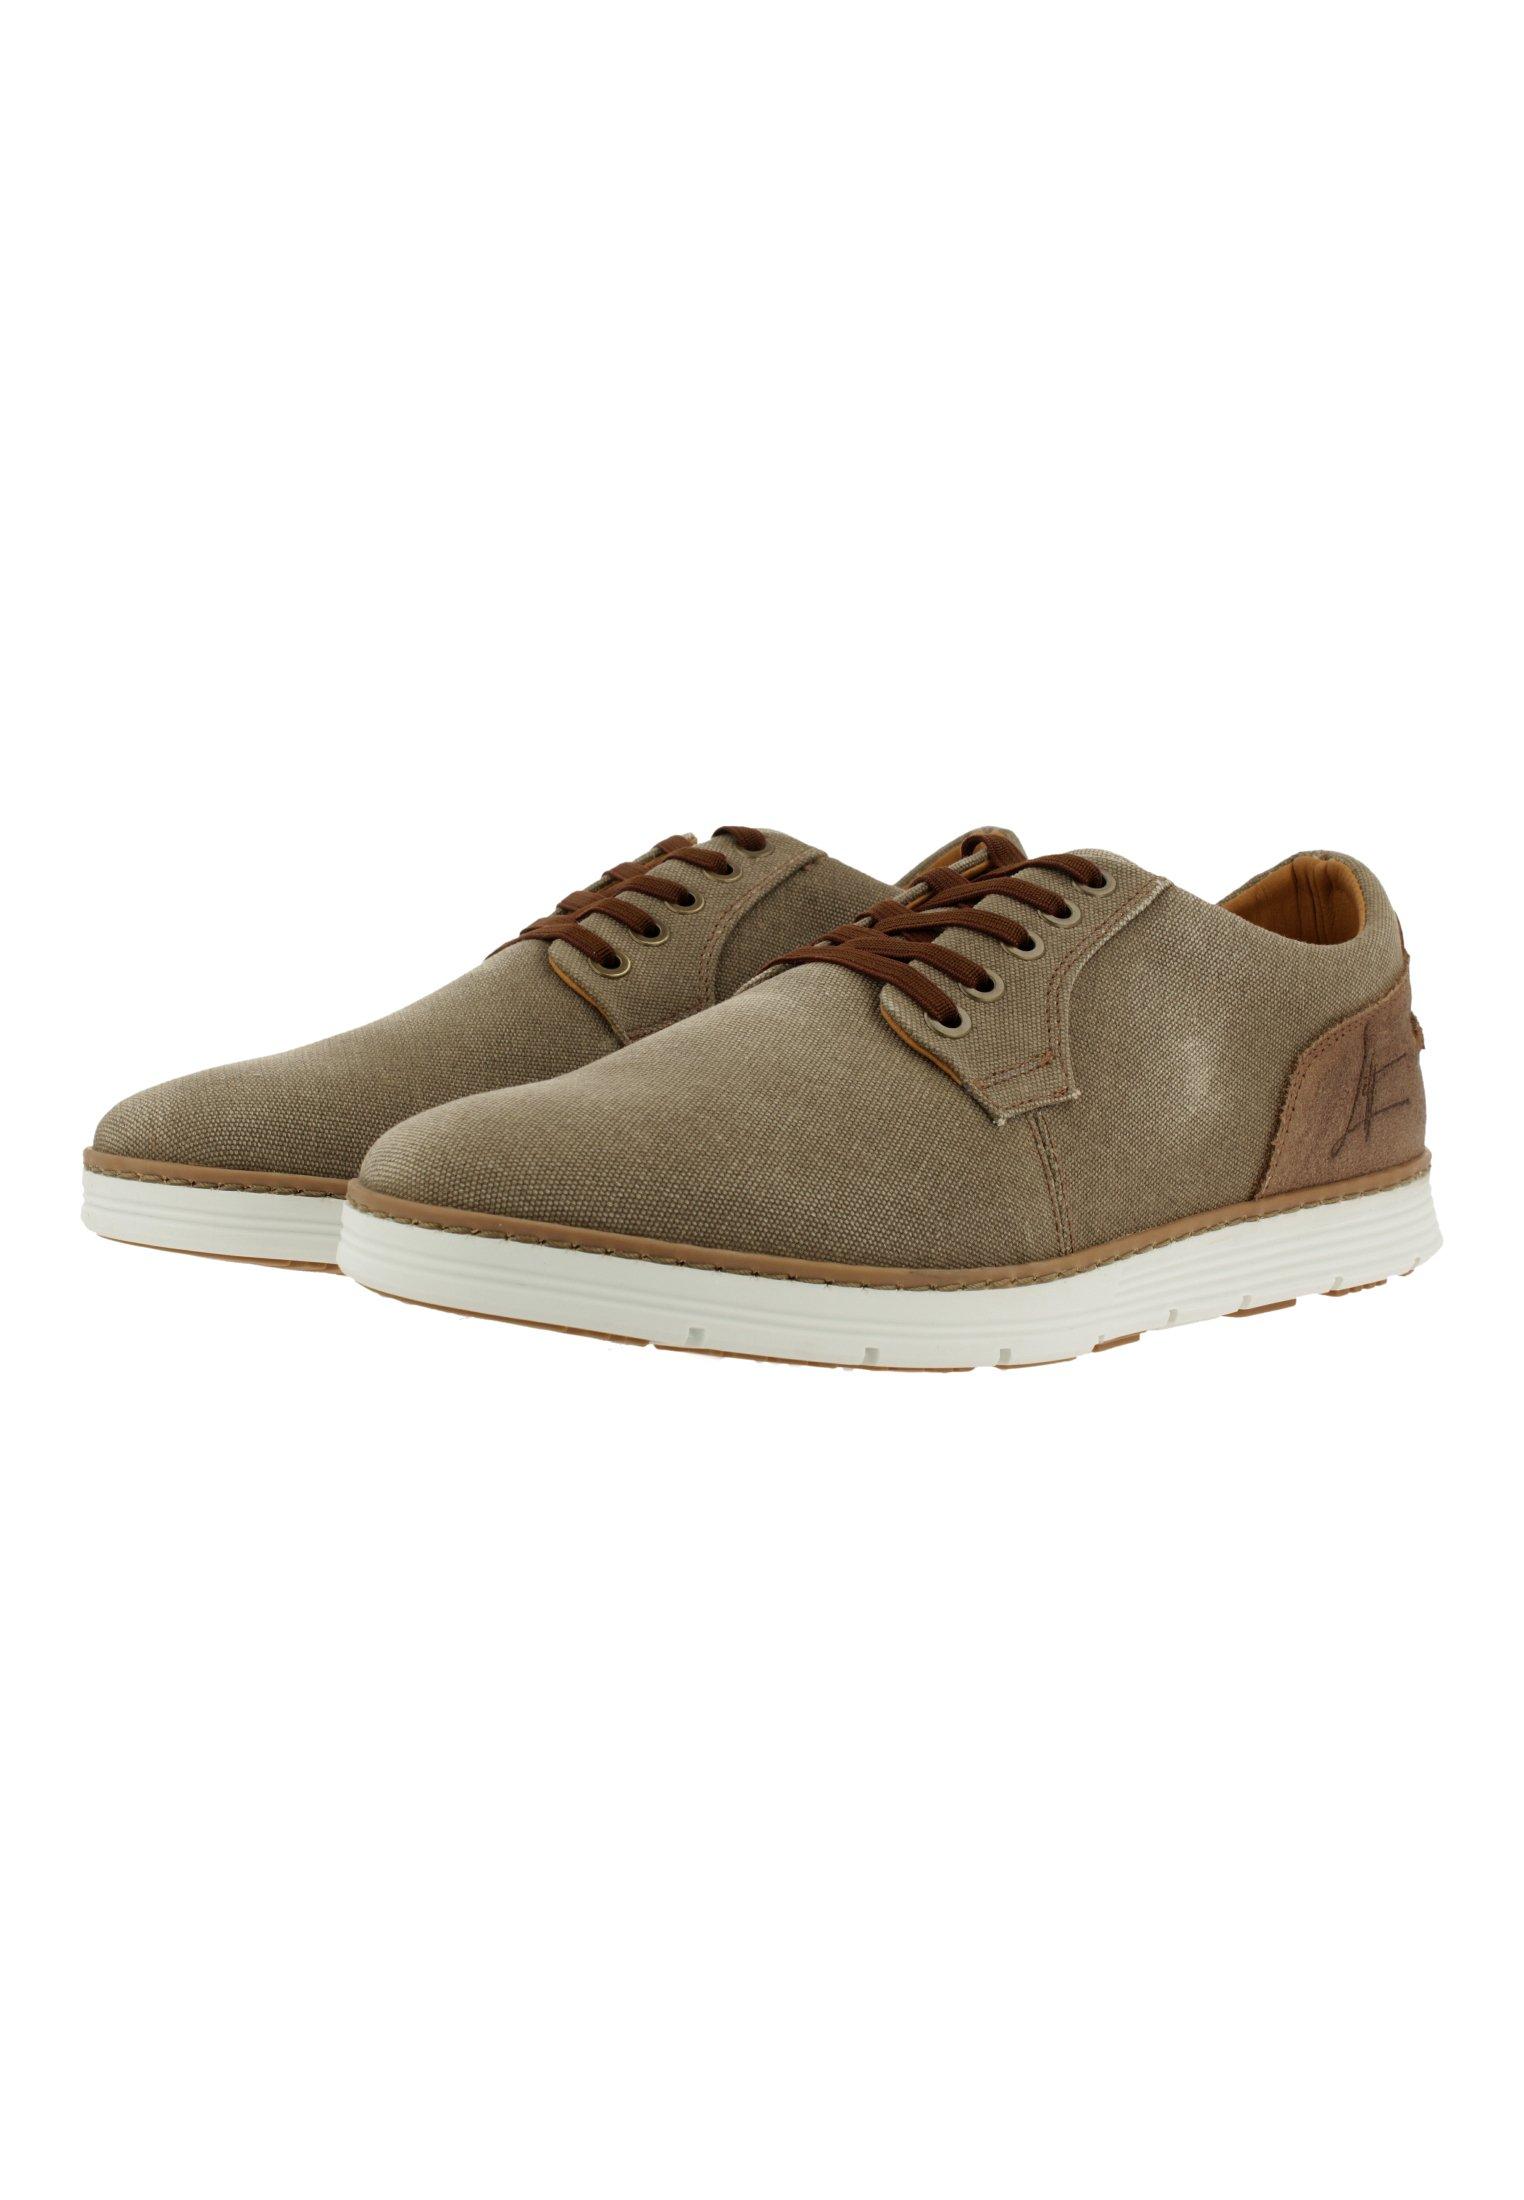 Qualità all'ingrosso Scarpe da uomo Bullboxer Sneakers basse beige/taupe